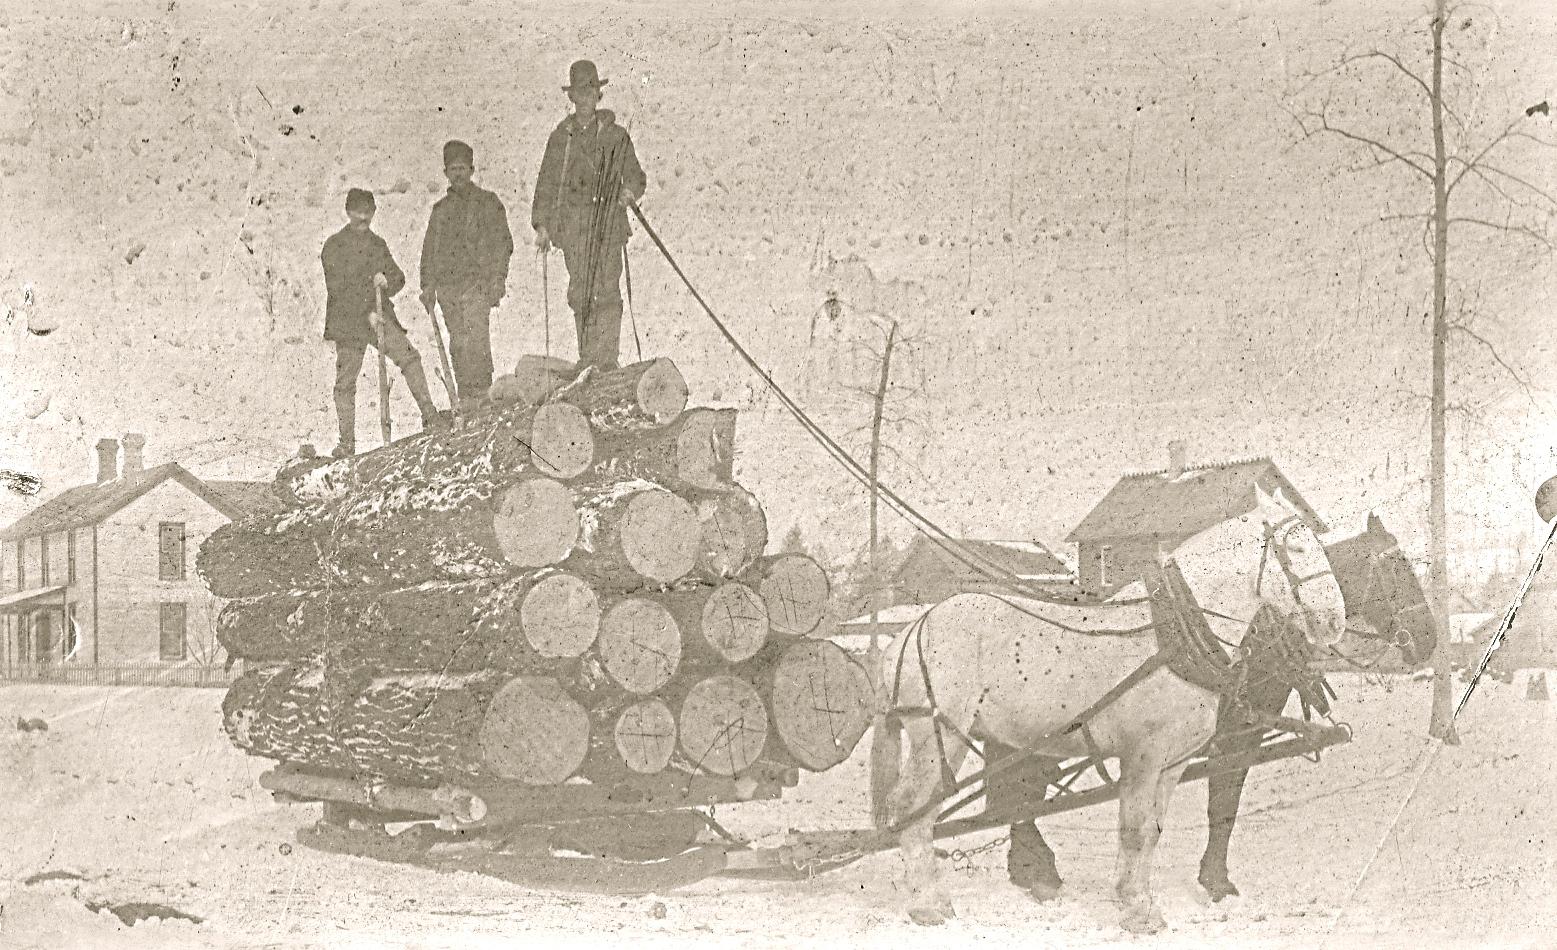 Harrietta Logging Activity